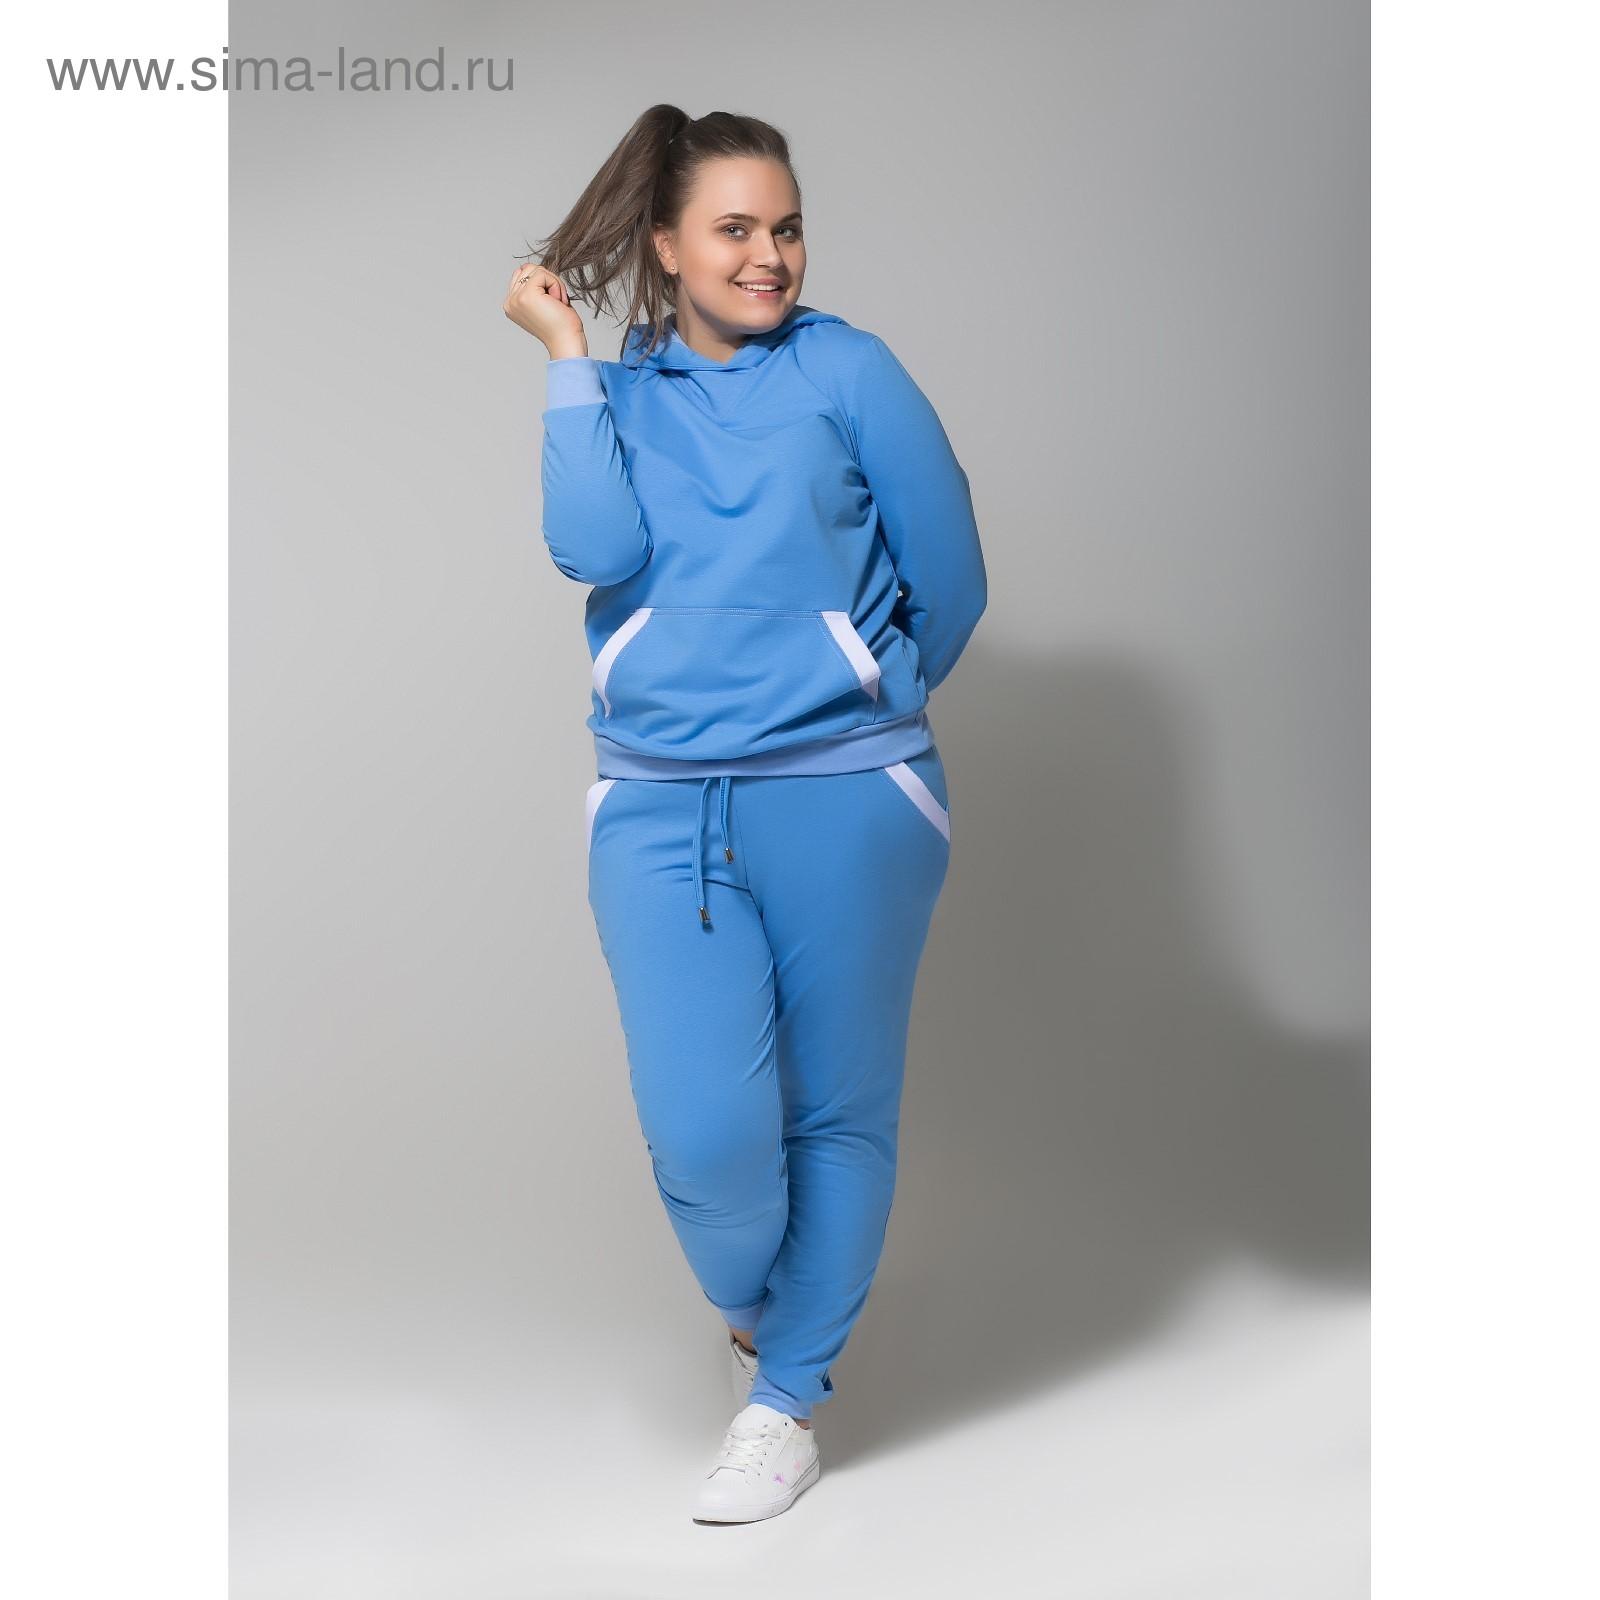 eccfcdb51a1f Костюм спортивный с капюшоном женский MINAKU, размер 54, цвет голубой